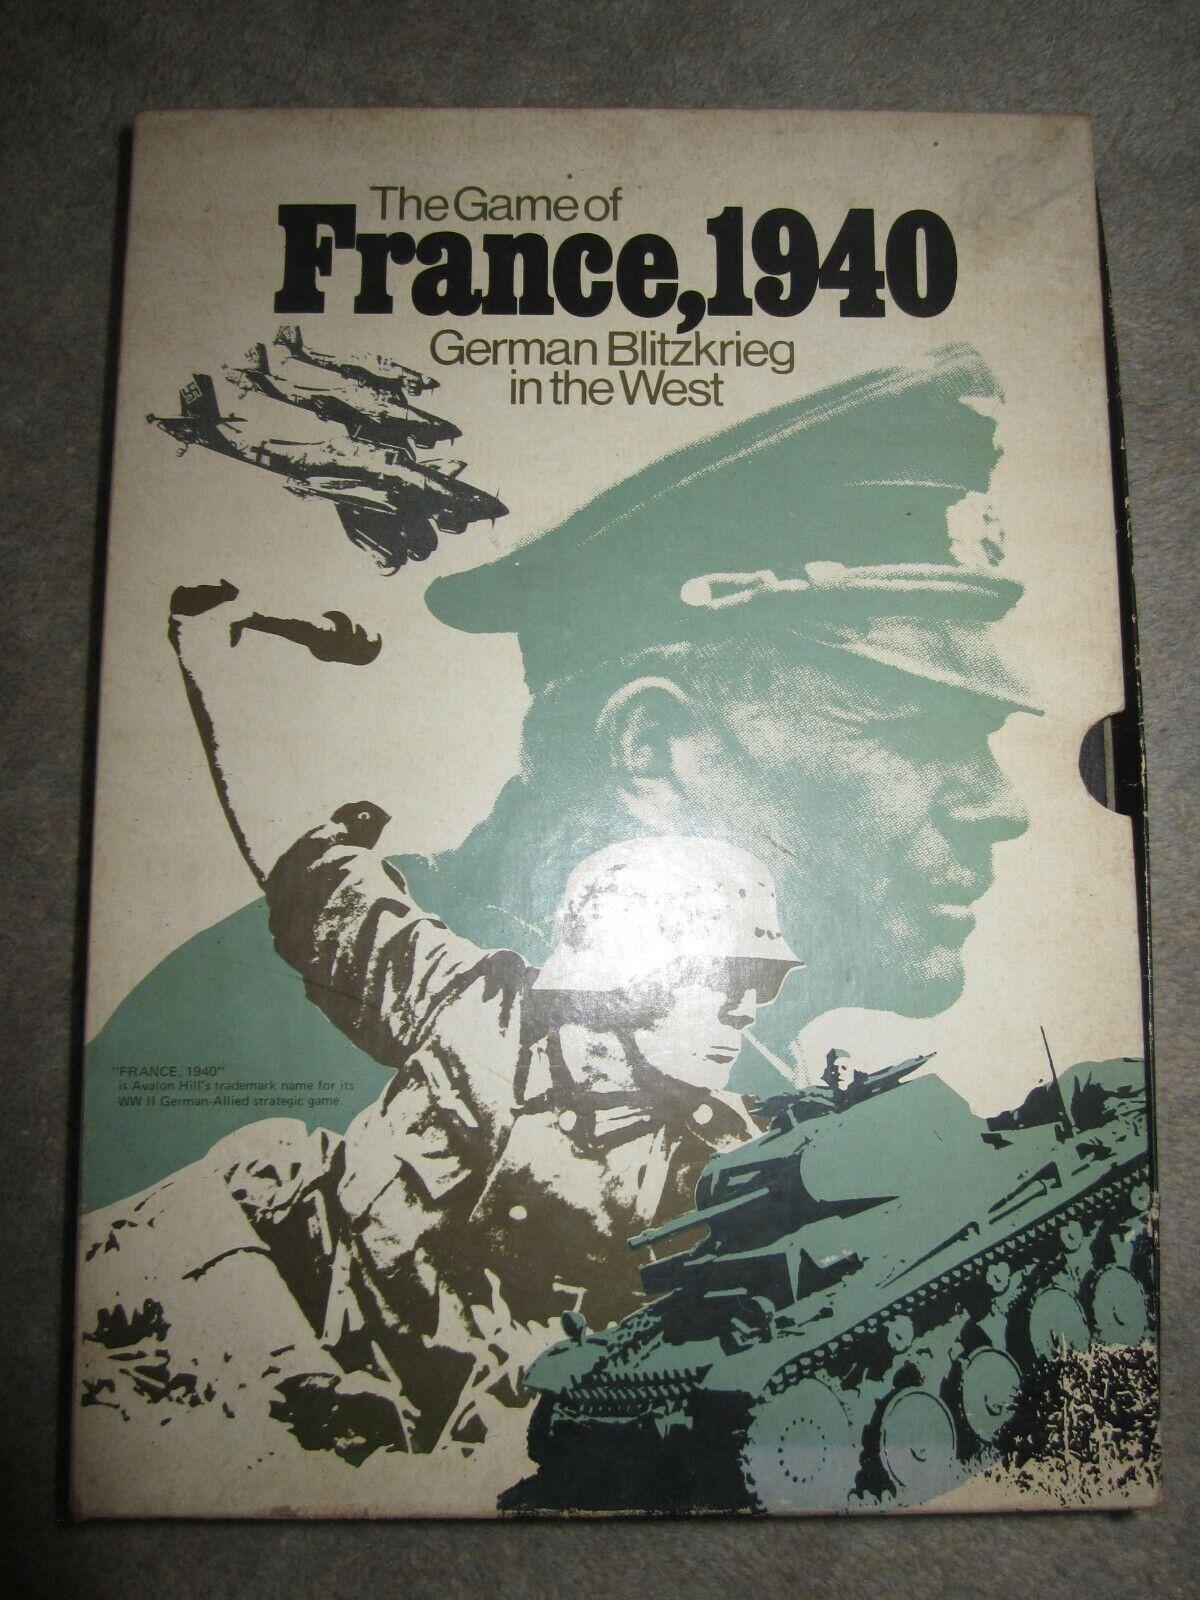 Vintage Juego, Francia, 1940, Alemán Blitzkrieg en el oeste, hecha por Avalon Hill